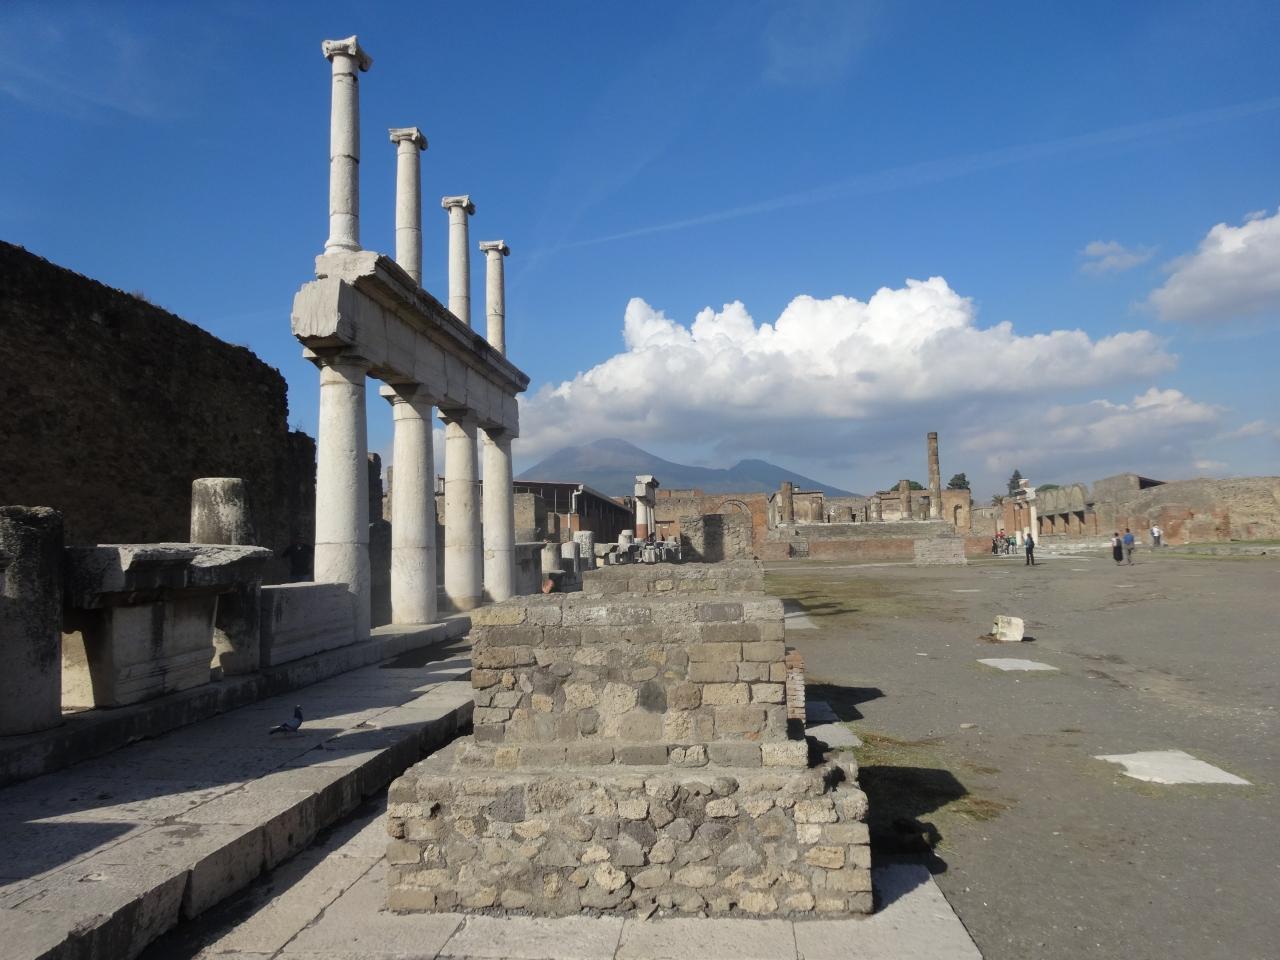 ポンペイ、ヘルクラネウム及びトッレ・アンヌンツィアータの遺跡地域の画像 p1_38